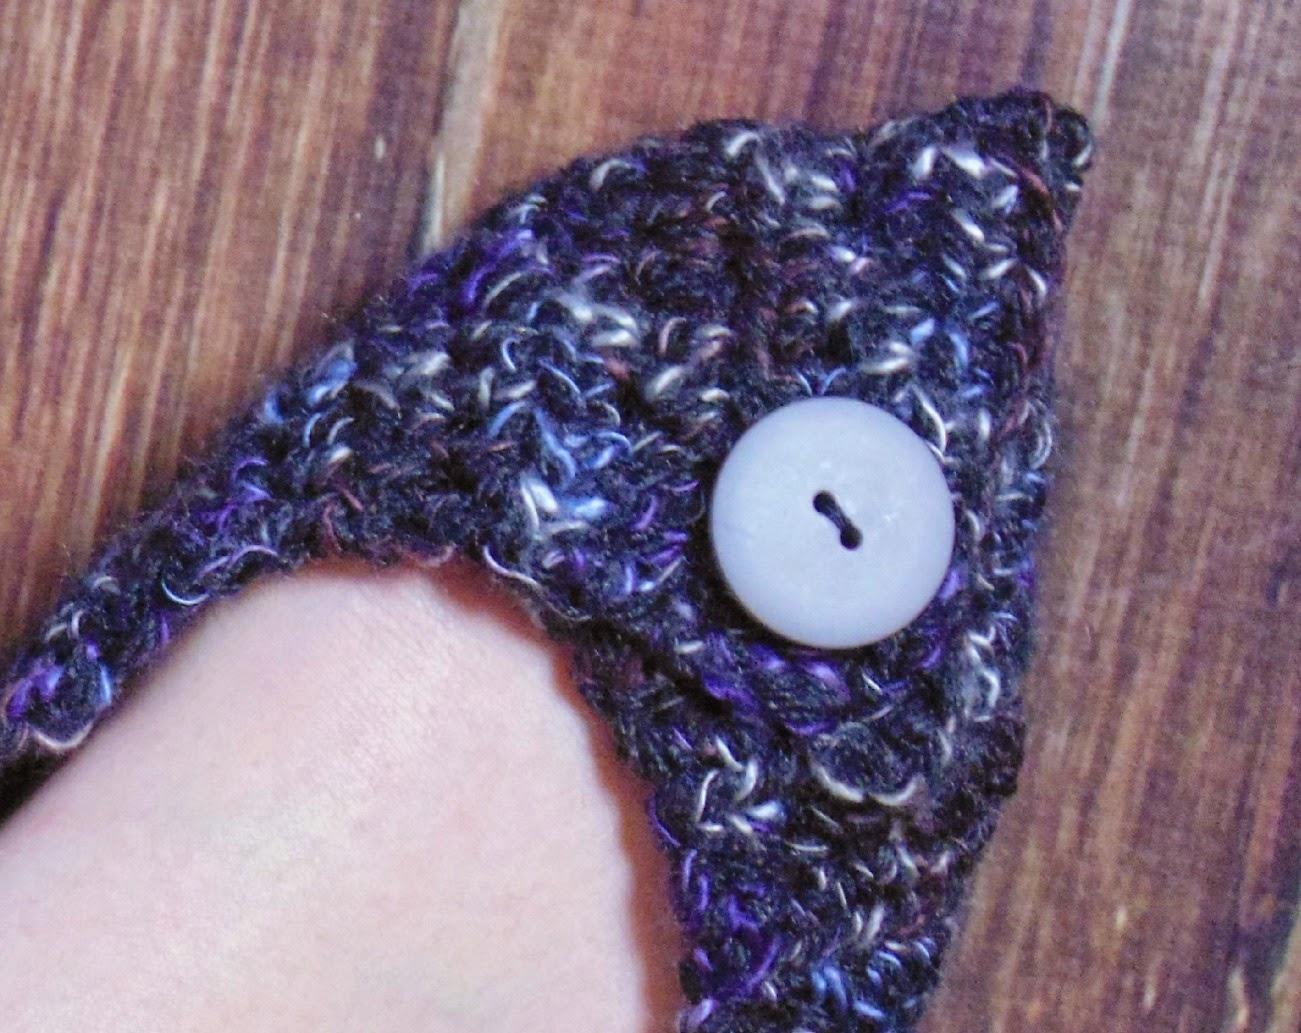 FREE CROCHET PATTERN, shoe pattern, crochet pattern, www.RAKJpatterns.com